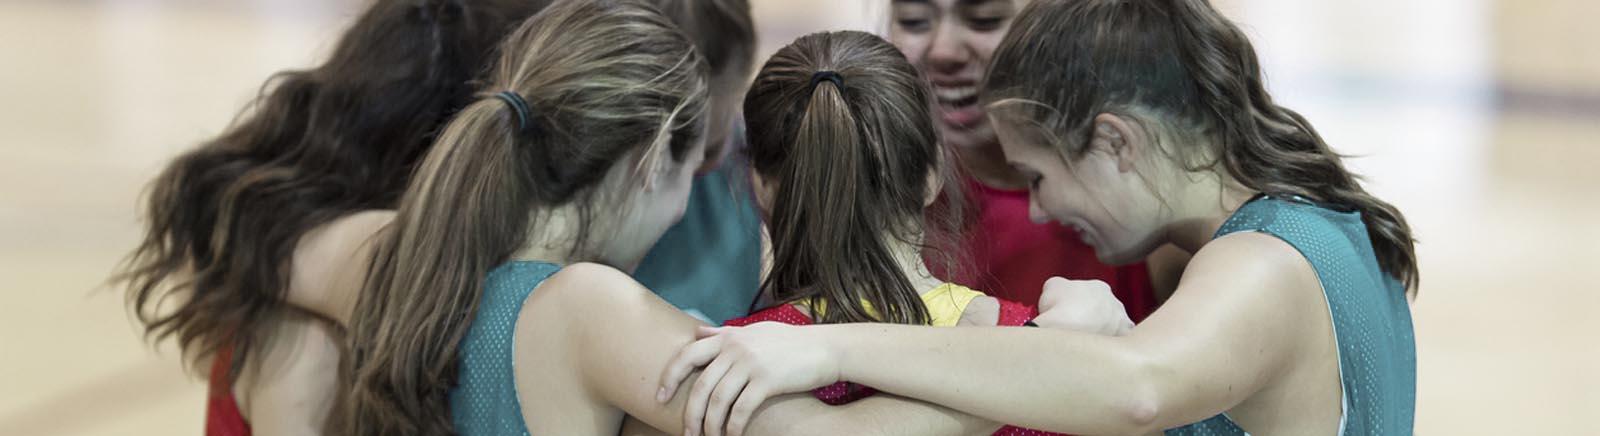 Junge Leute unterstürtzen